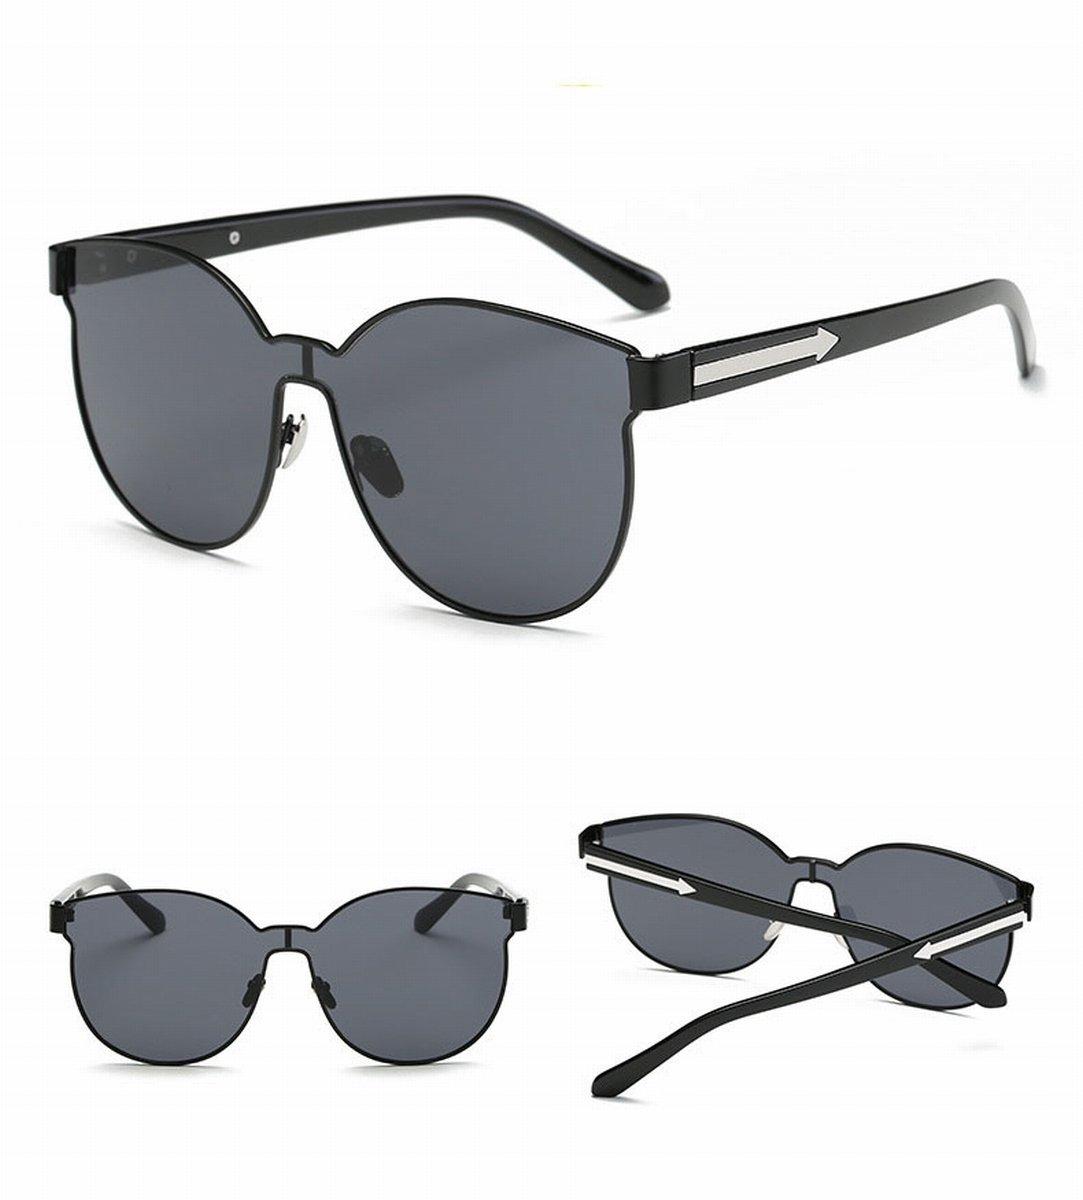 Große rahmen sonnenbrille verbunden Linse individualität Pfeil sonnenbrille mode damen sonnenbrille goldrahmen WBrSt0z